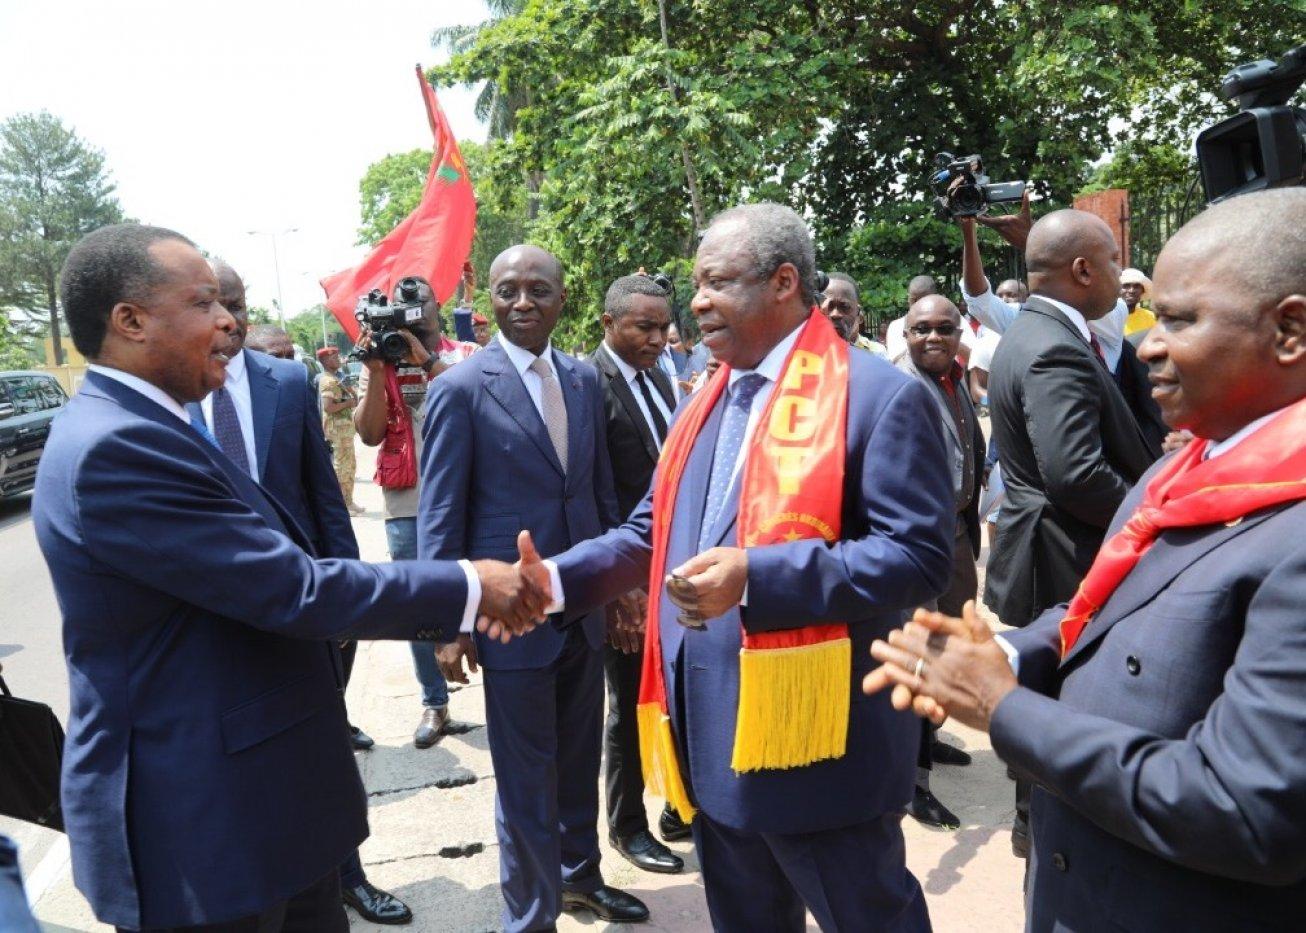 Sassou, Nsilou, Mboulou, Collinet, Mondjo, JDO, milices et Cie dans le collimateur des violences et tricherie au Congo